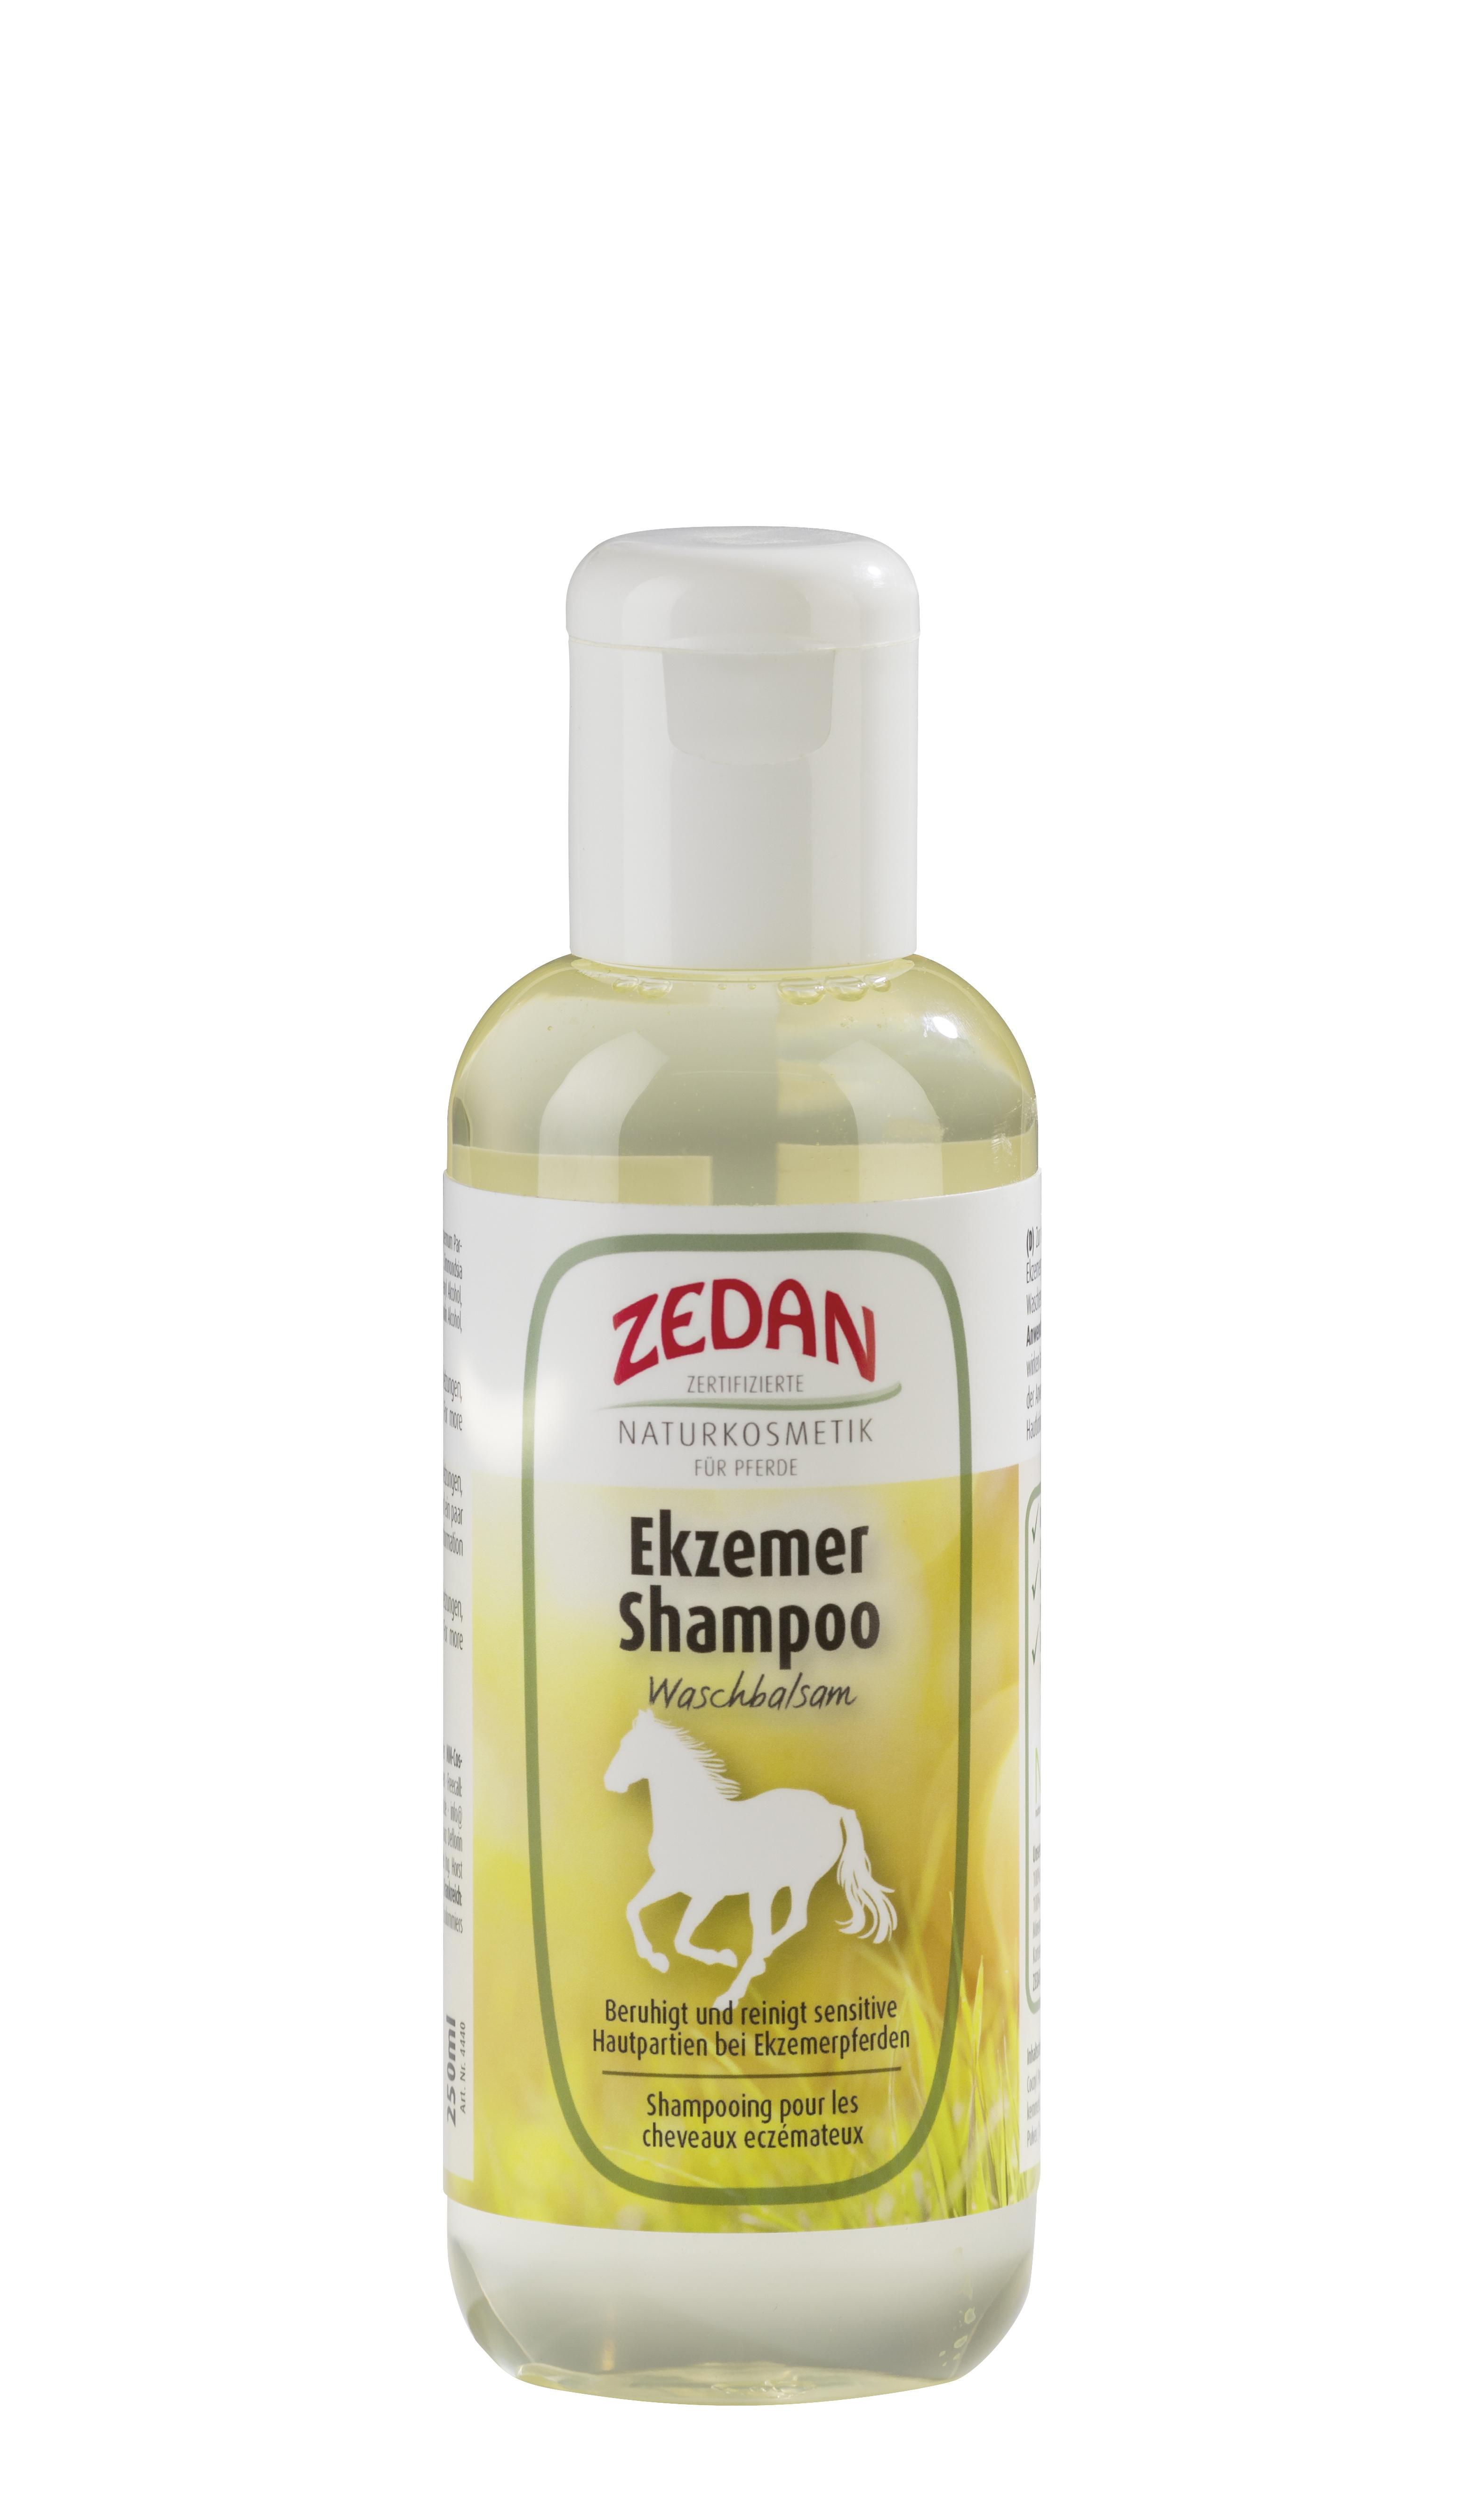 Zedan Ekzemer- Shampoo 250ml